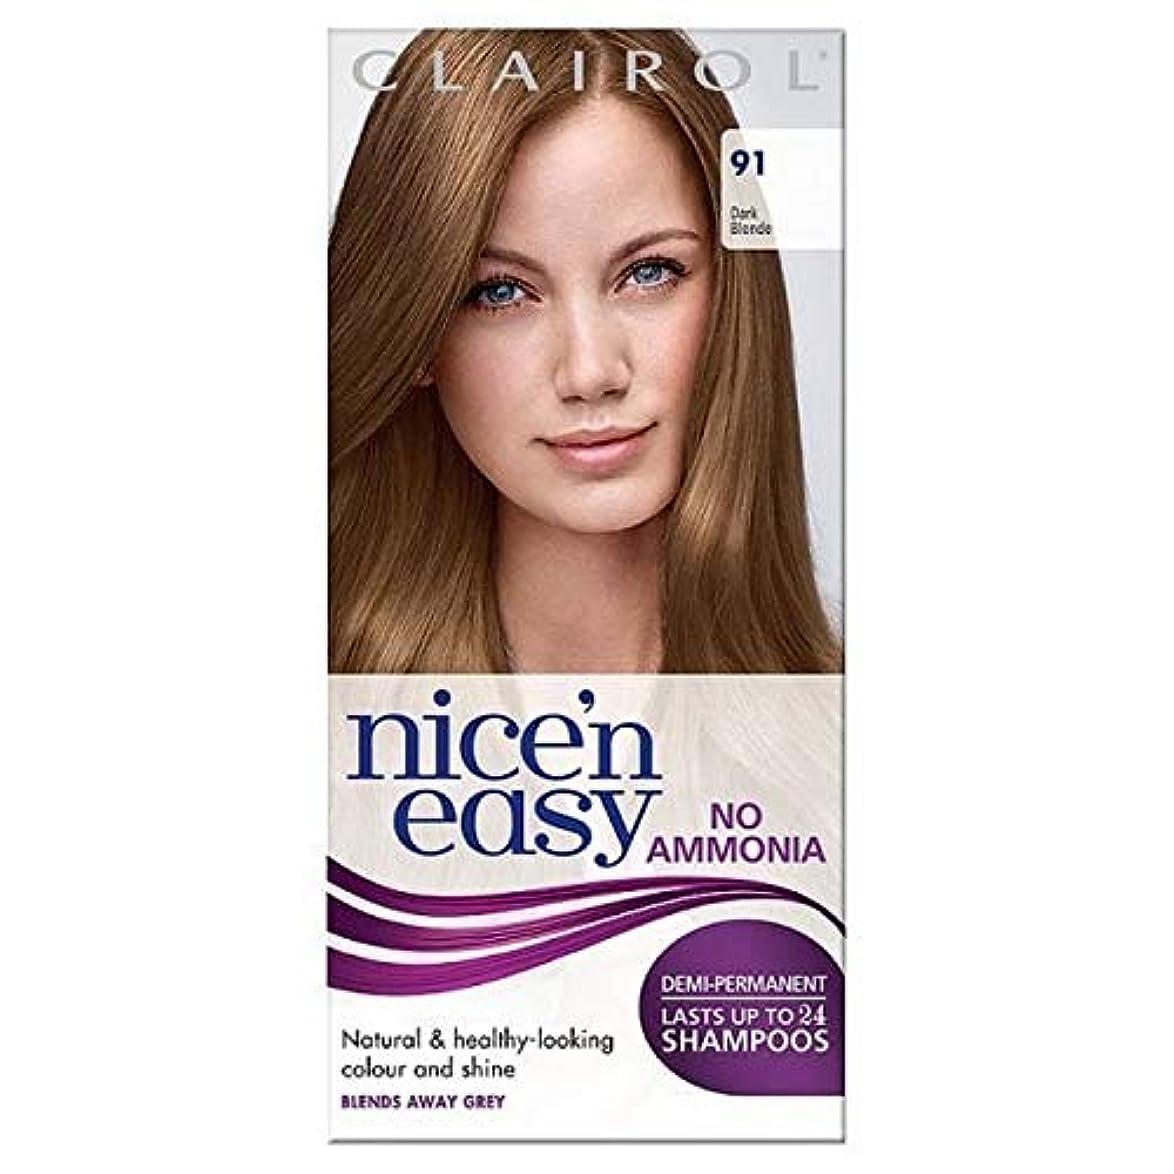 ためらう不幸サンプル[Nice'n Easy] Nice'N簡単に何のアンモニアの染毛剤ませんダークブロンドの91 - Nice'n Easy No Ammonia Hair Dye Dark Blonde 91 [並行輸入品]